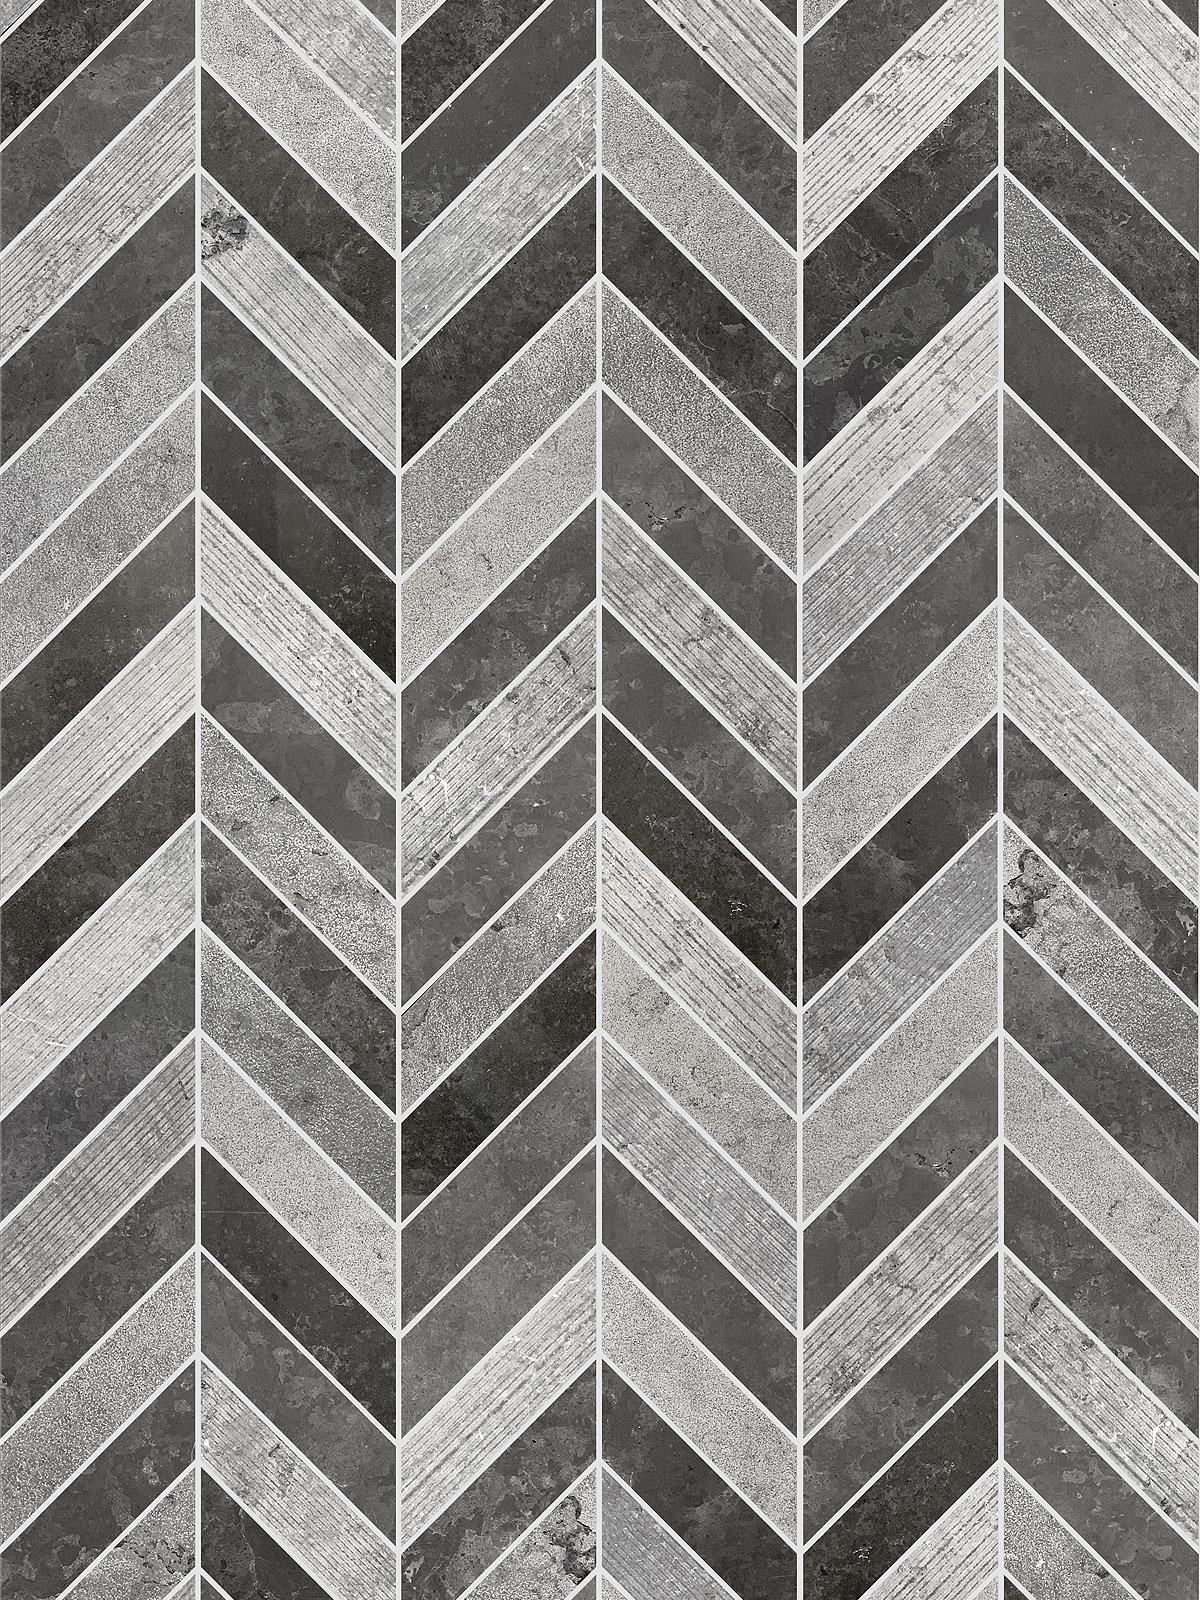 BA631614 Black Gray modern limestone chevron mosaic backsplash tile